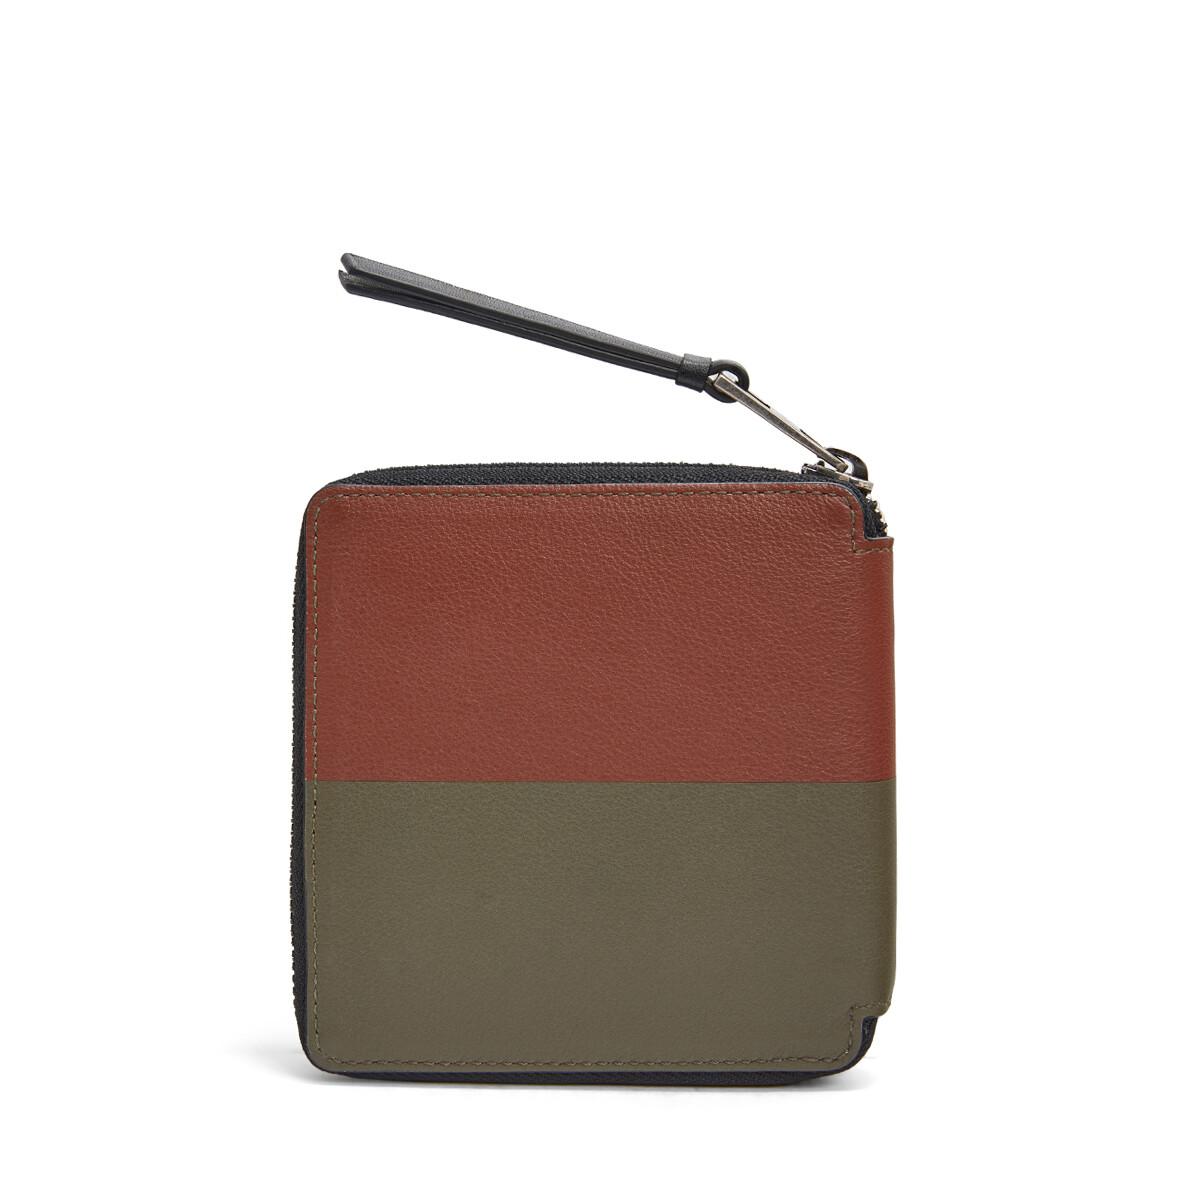 LOEWE Square Zip Wallet Bicolor Khaki Green/Cognac front